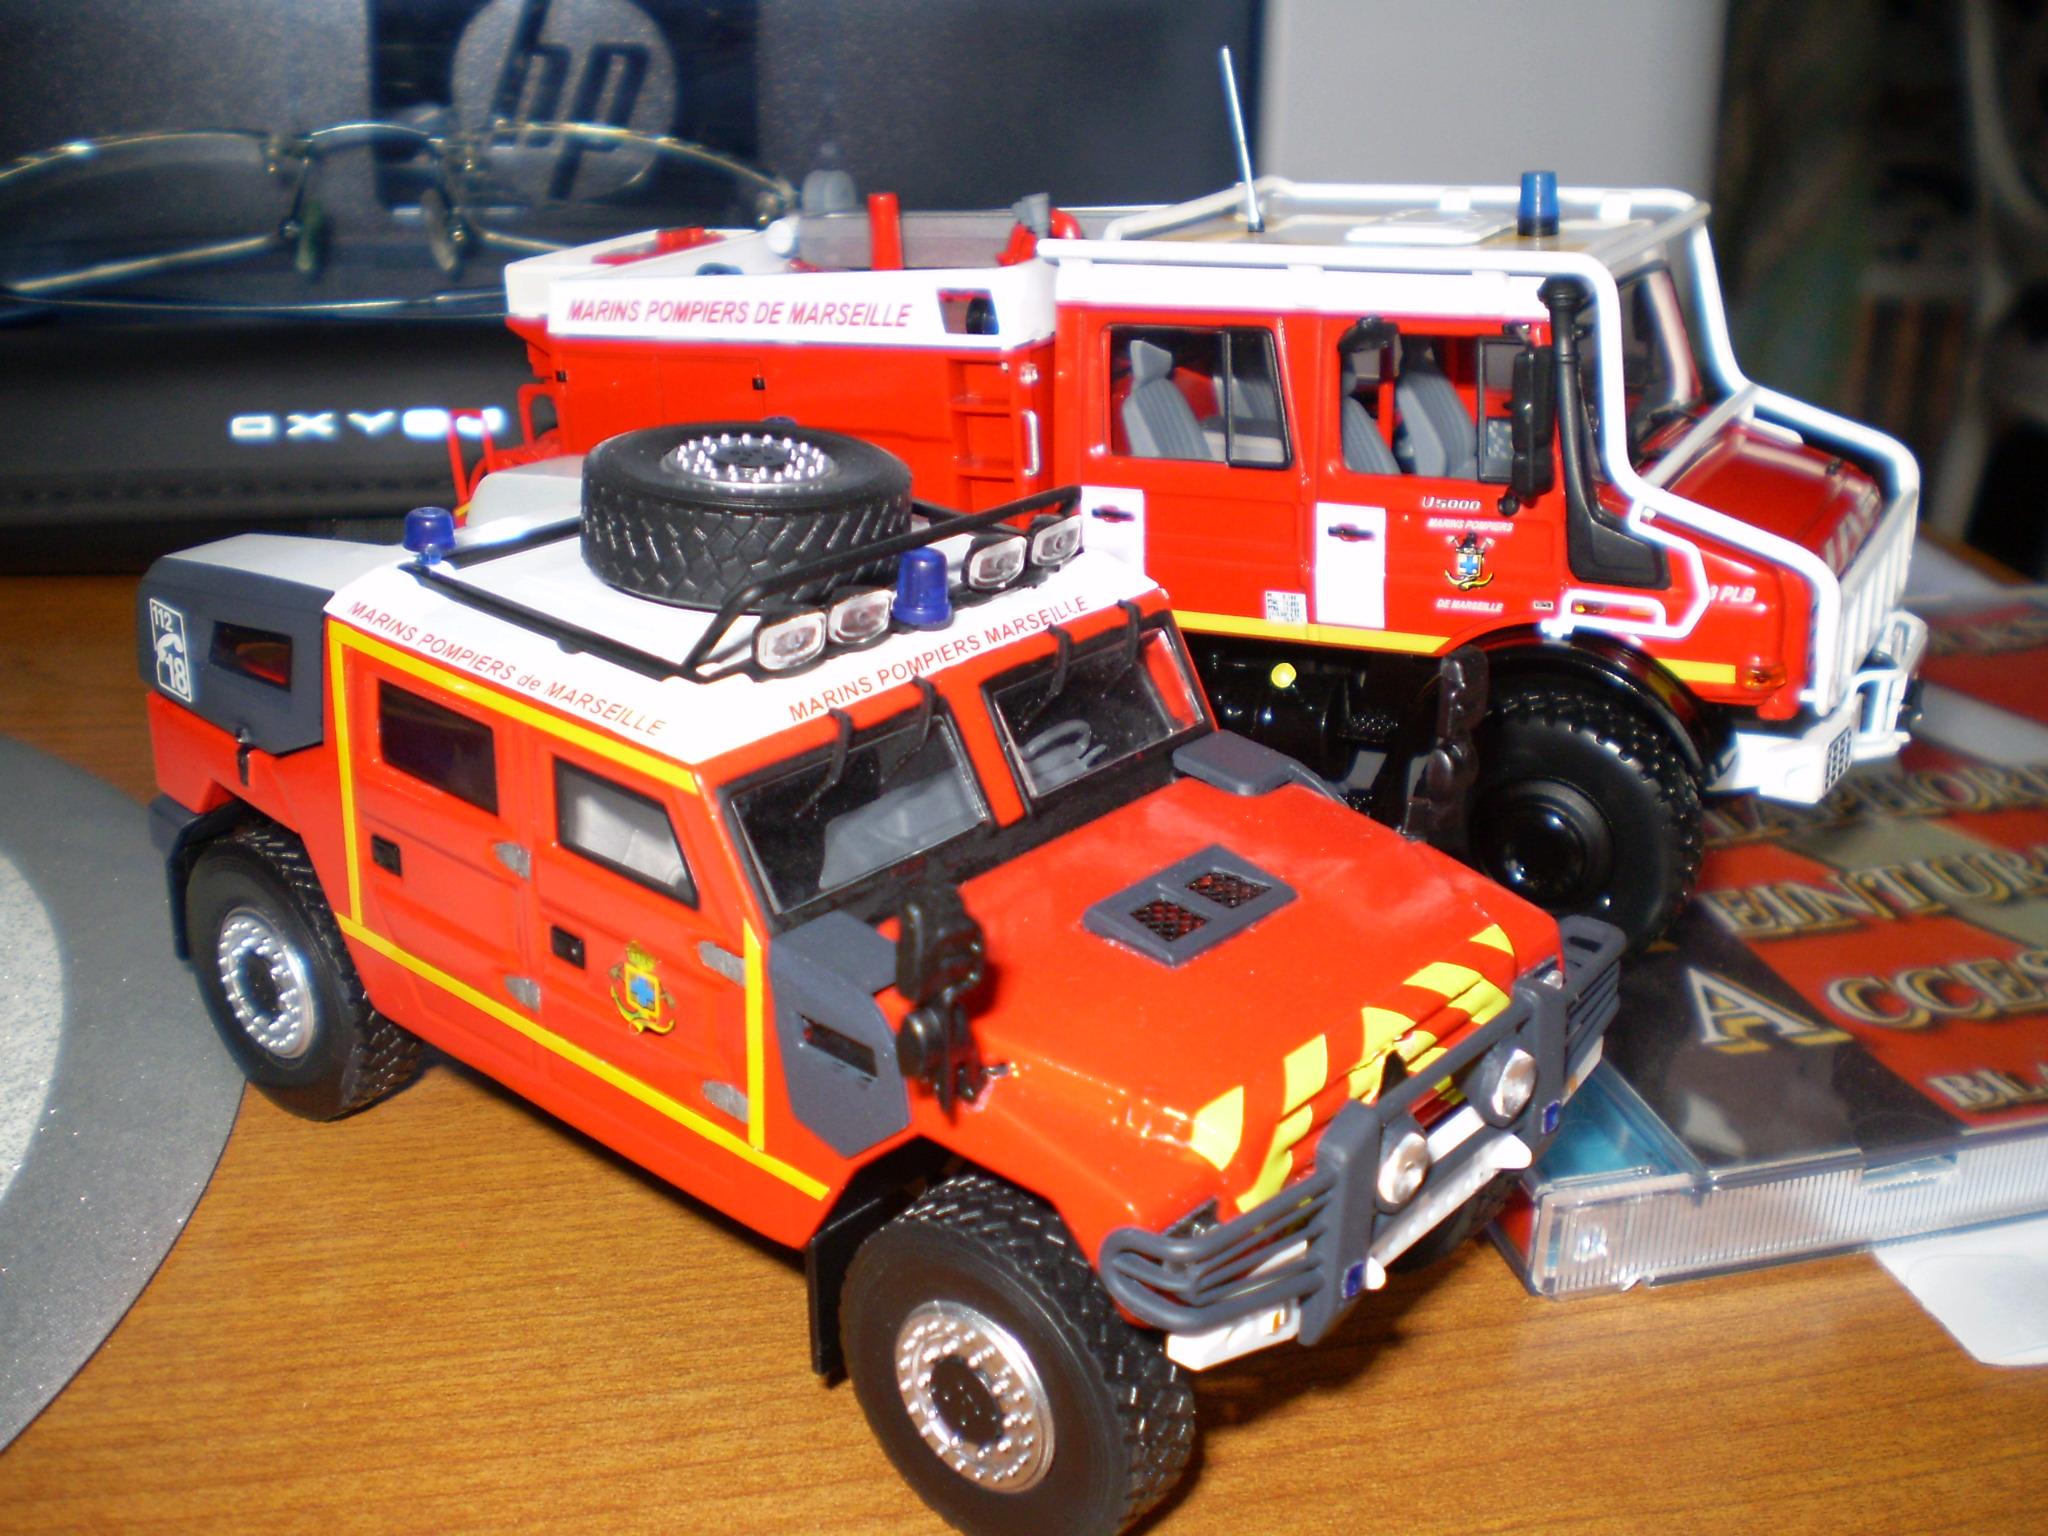 V hicules des pompiers fran ais page 793 auto titre - Playmobil samu ...